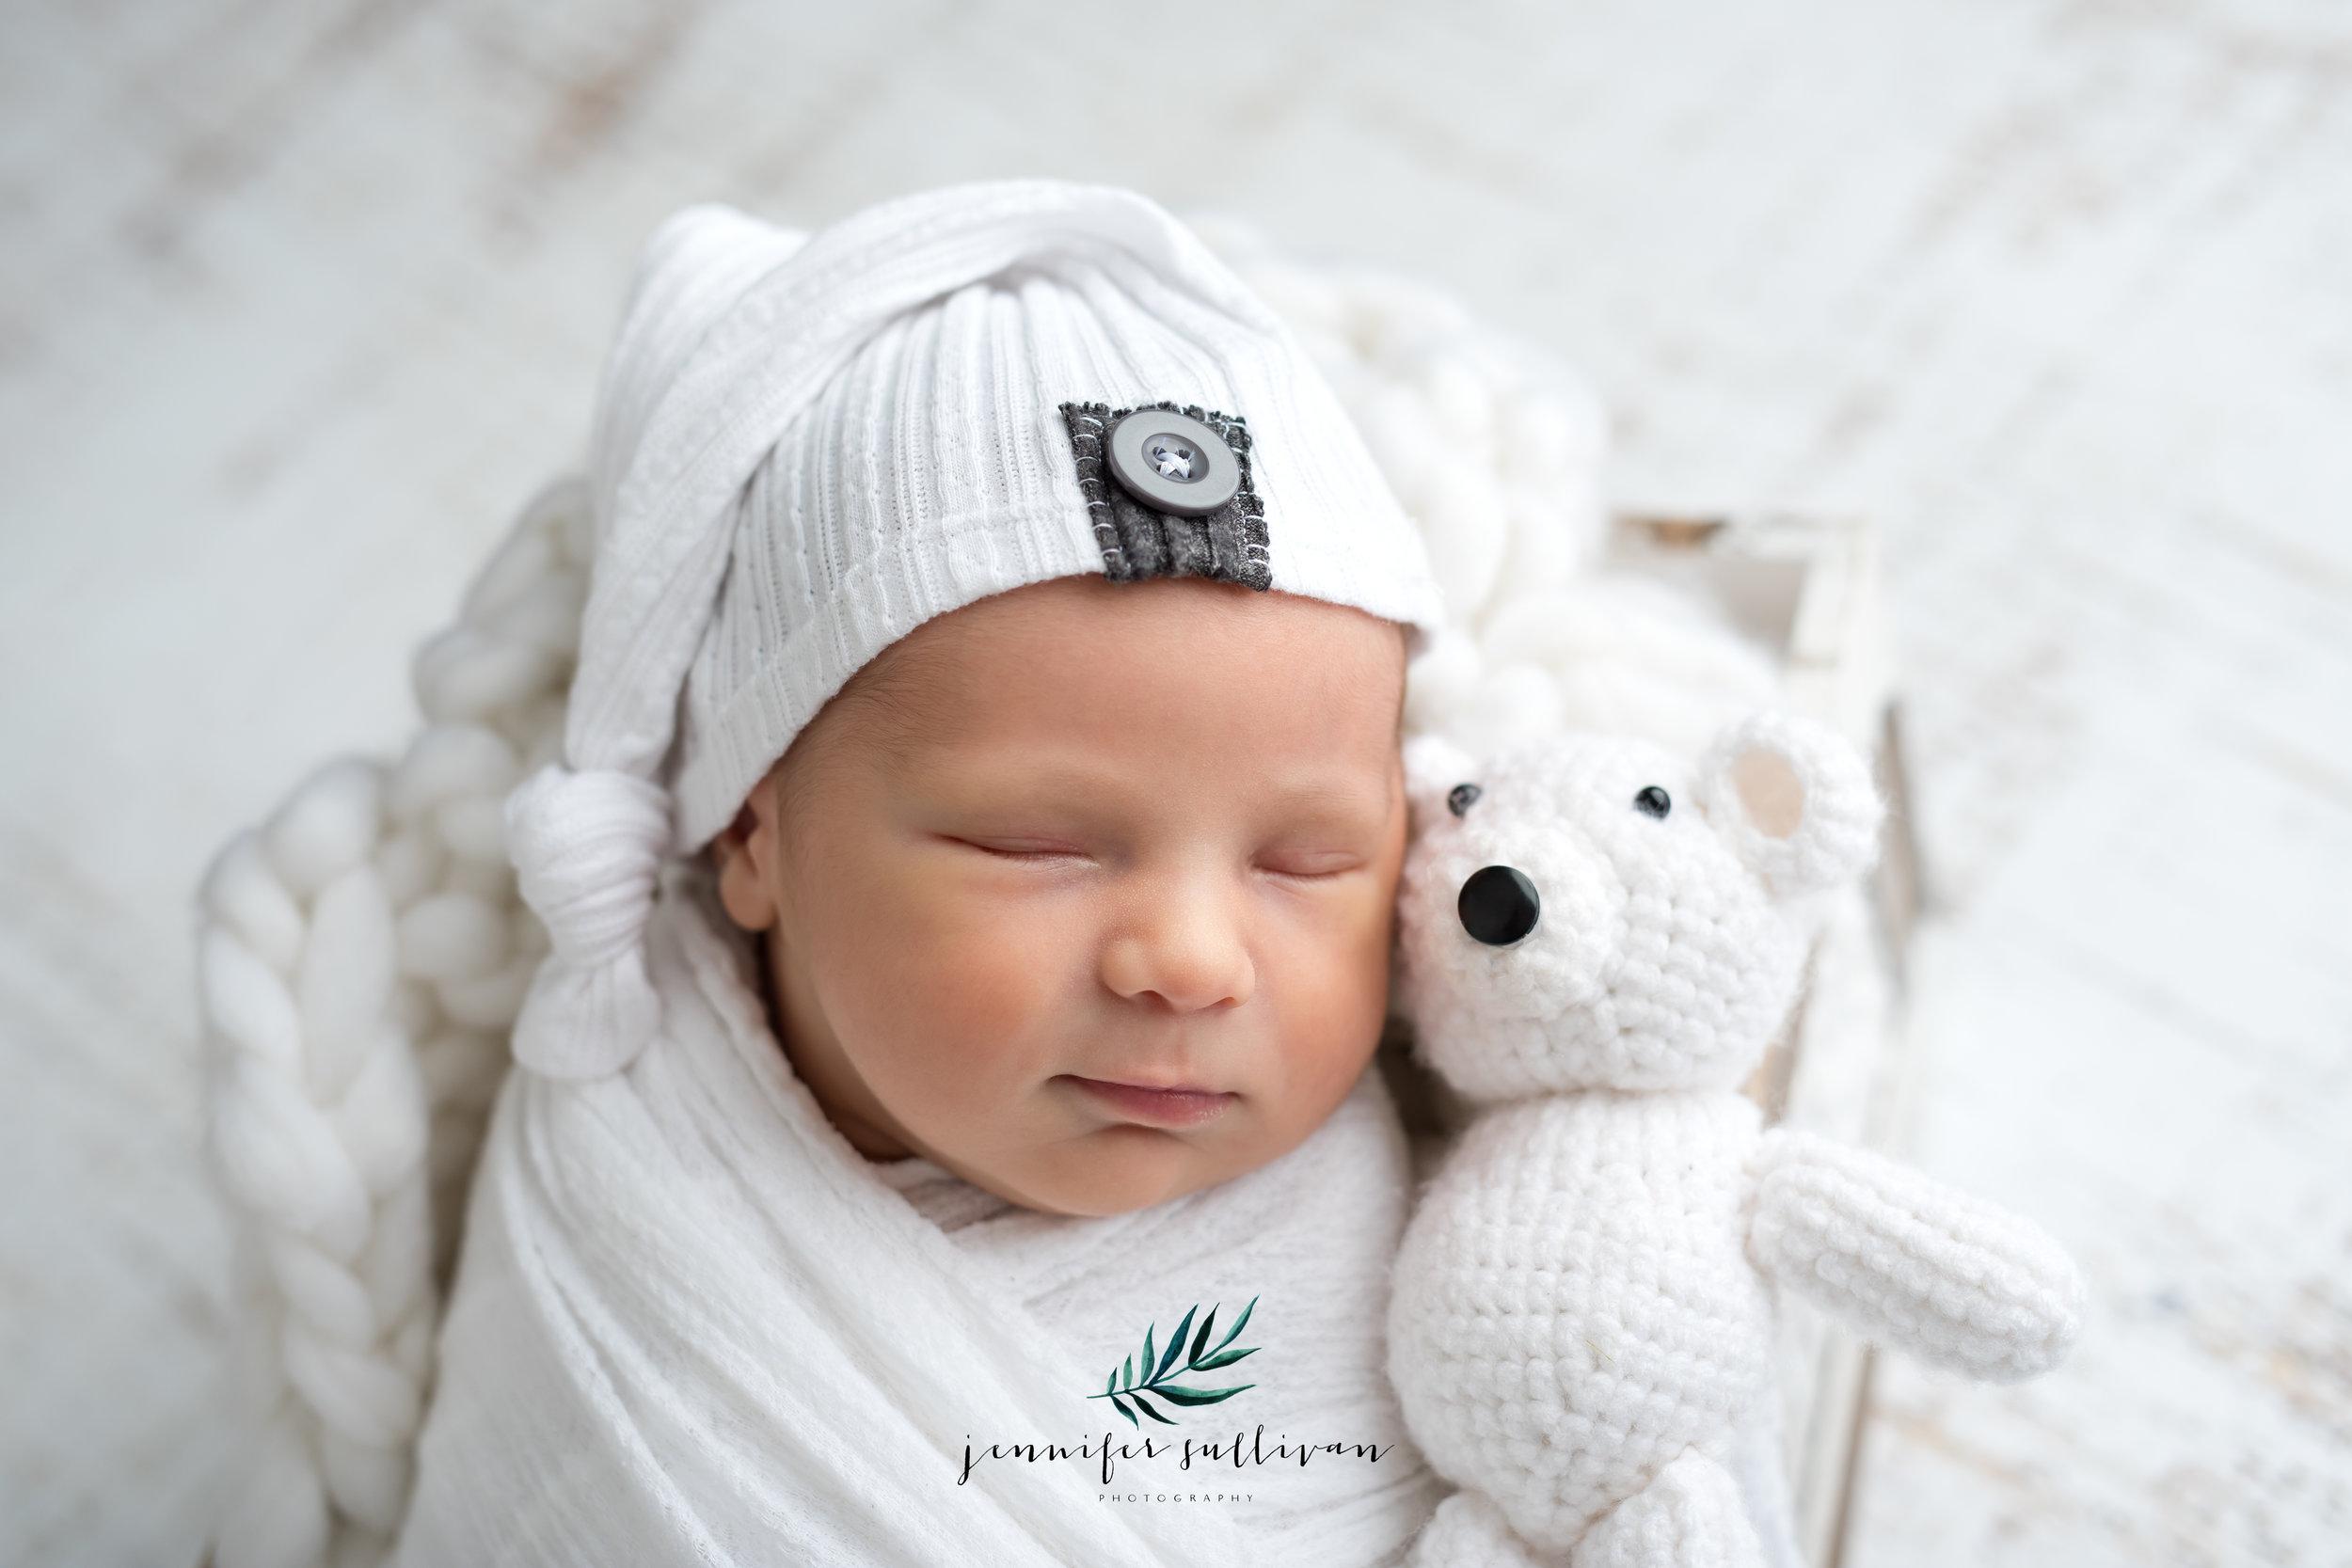 dartmouth newborn baby photographer -400-3.jpg